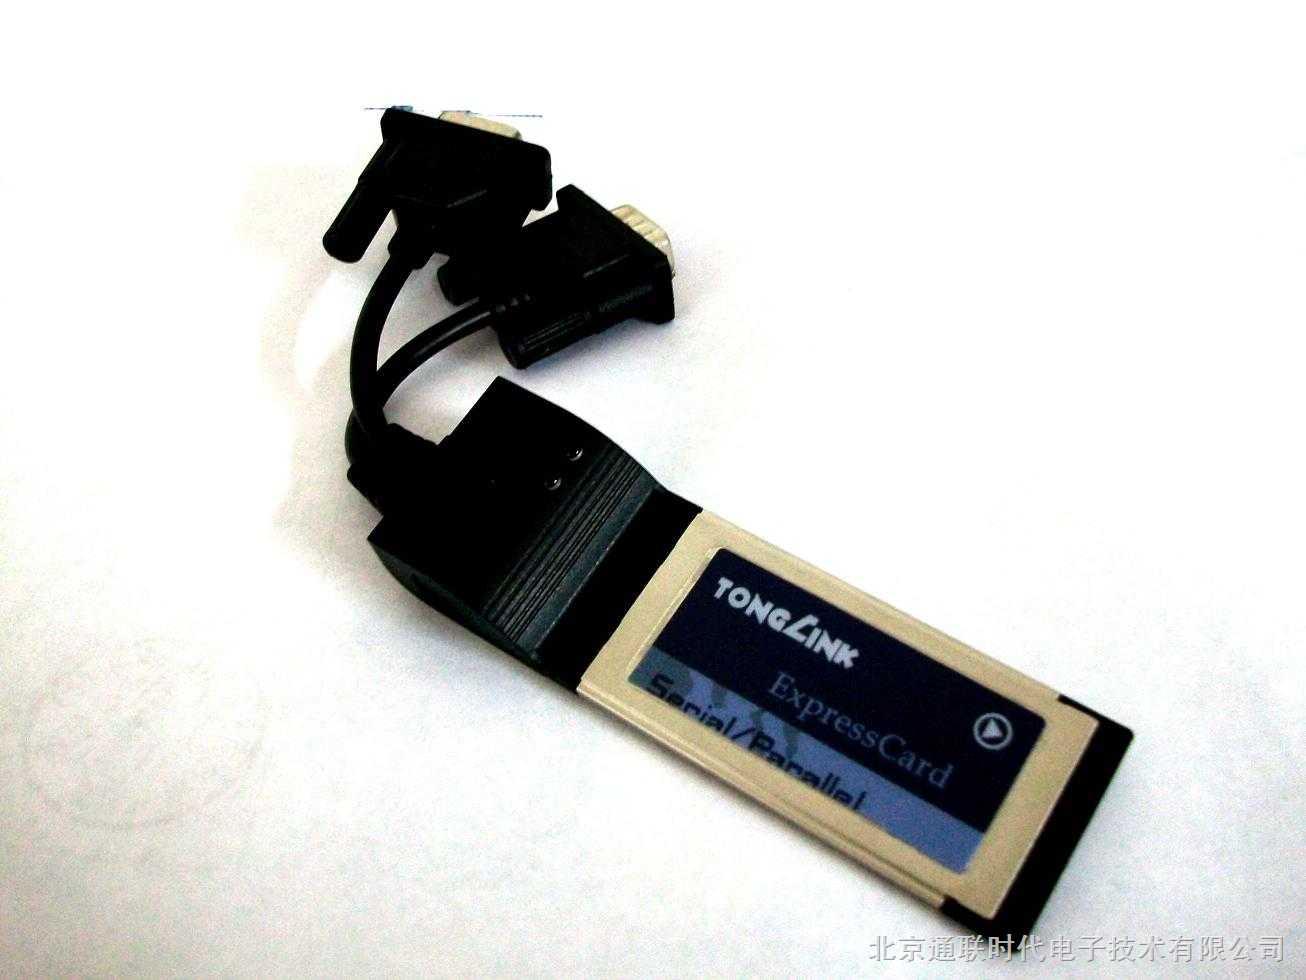 二代笔记本串口卡 Express串口卡/物理端口卡